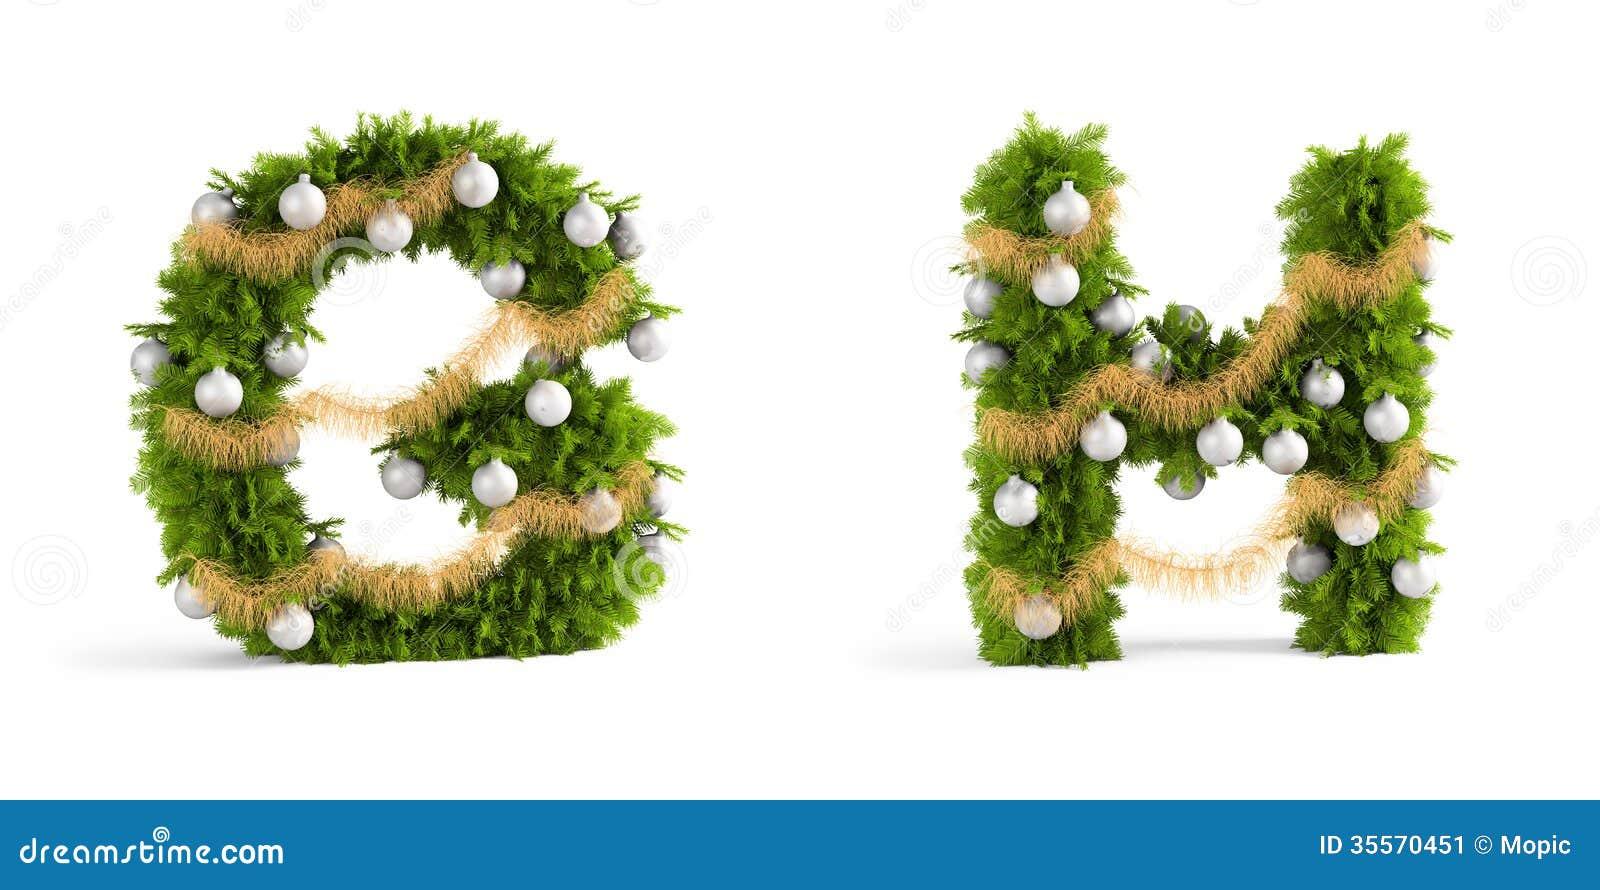 Christmas Font Set Stock Image - Image: 35570451